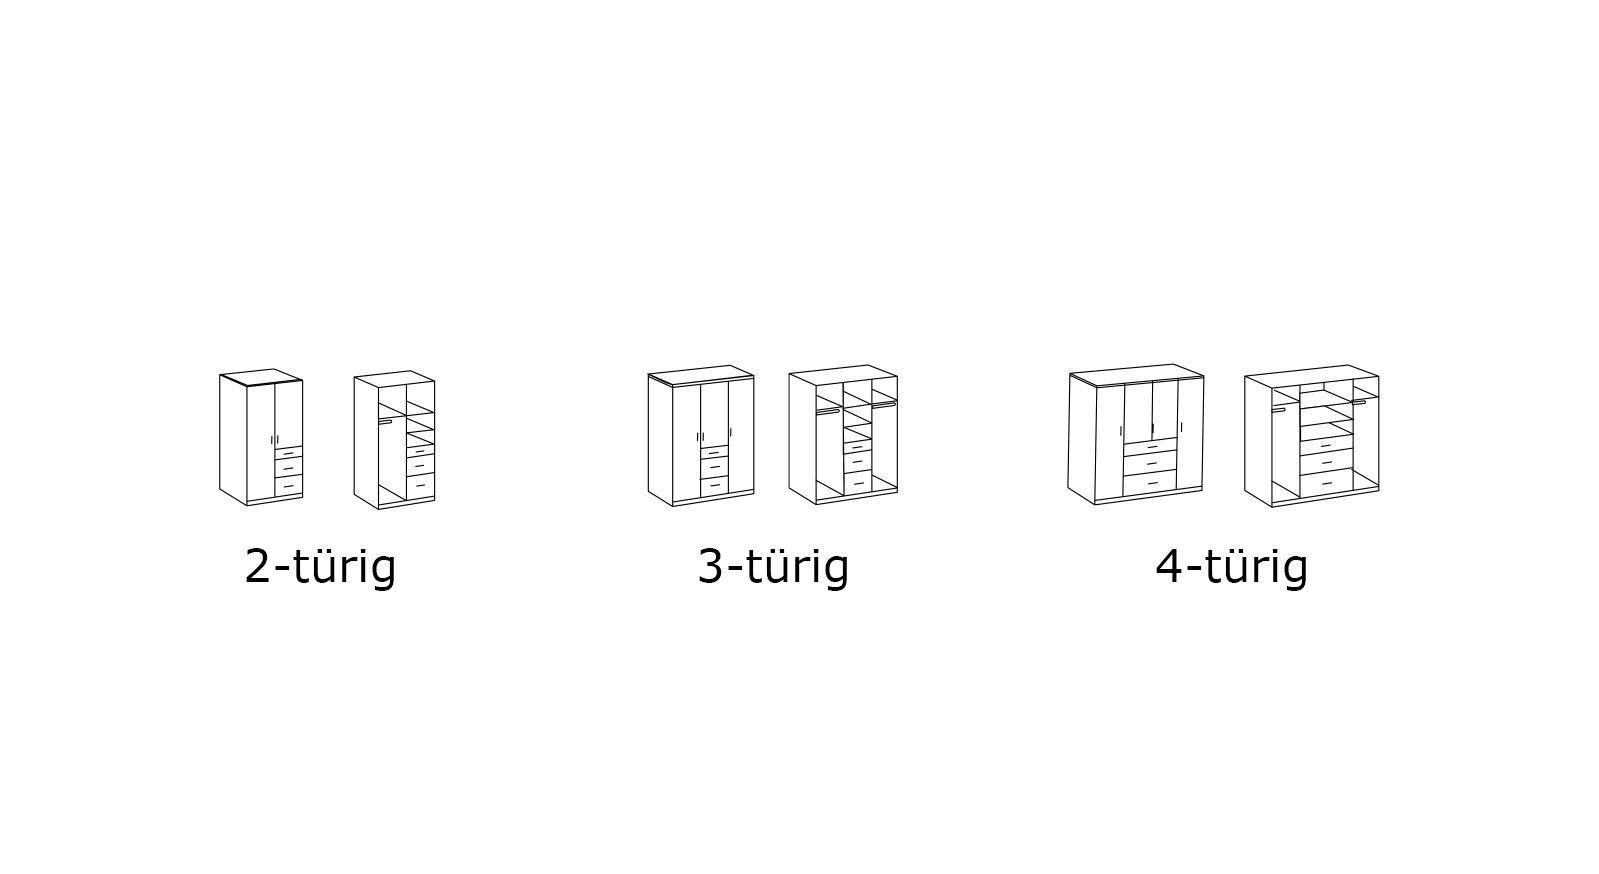 Maßgrafik zu den Varianten des Funktions-Kleiderschranks Prea